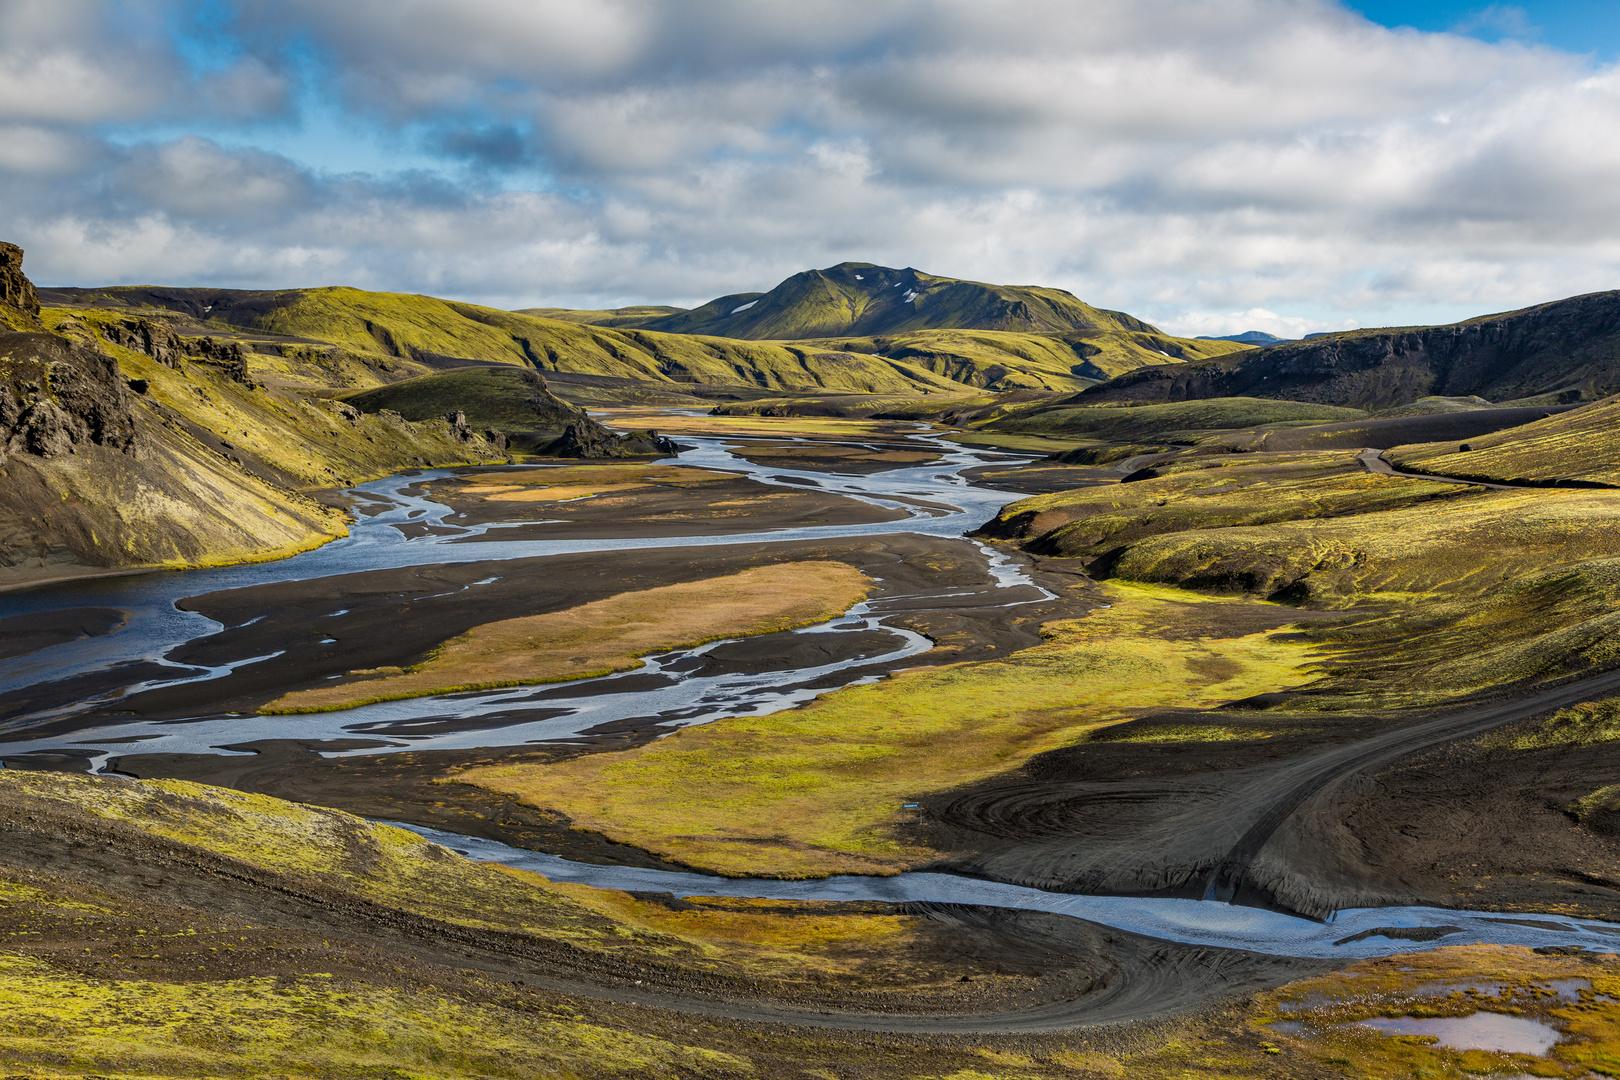 Island 2017 Herbst Im Hochland Foto Bild Colorfoto Farben